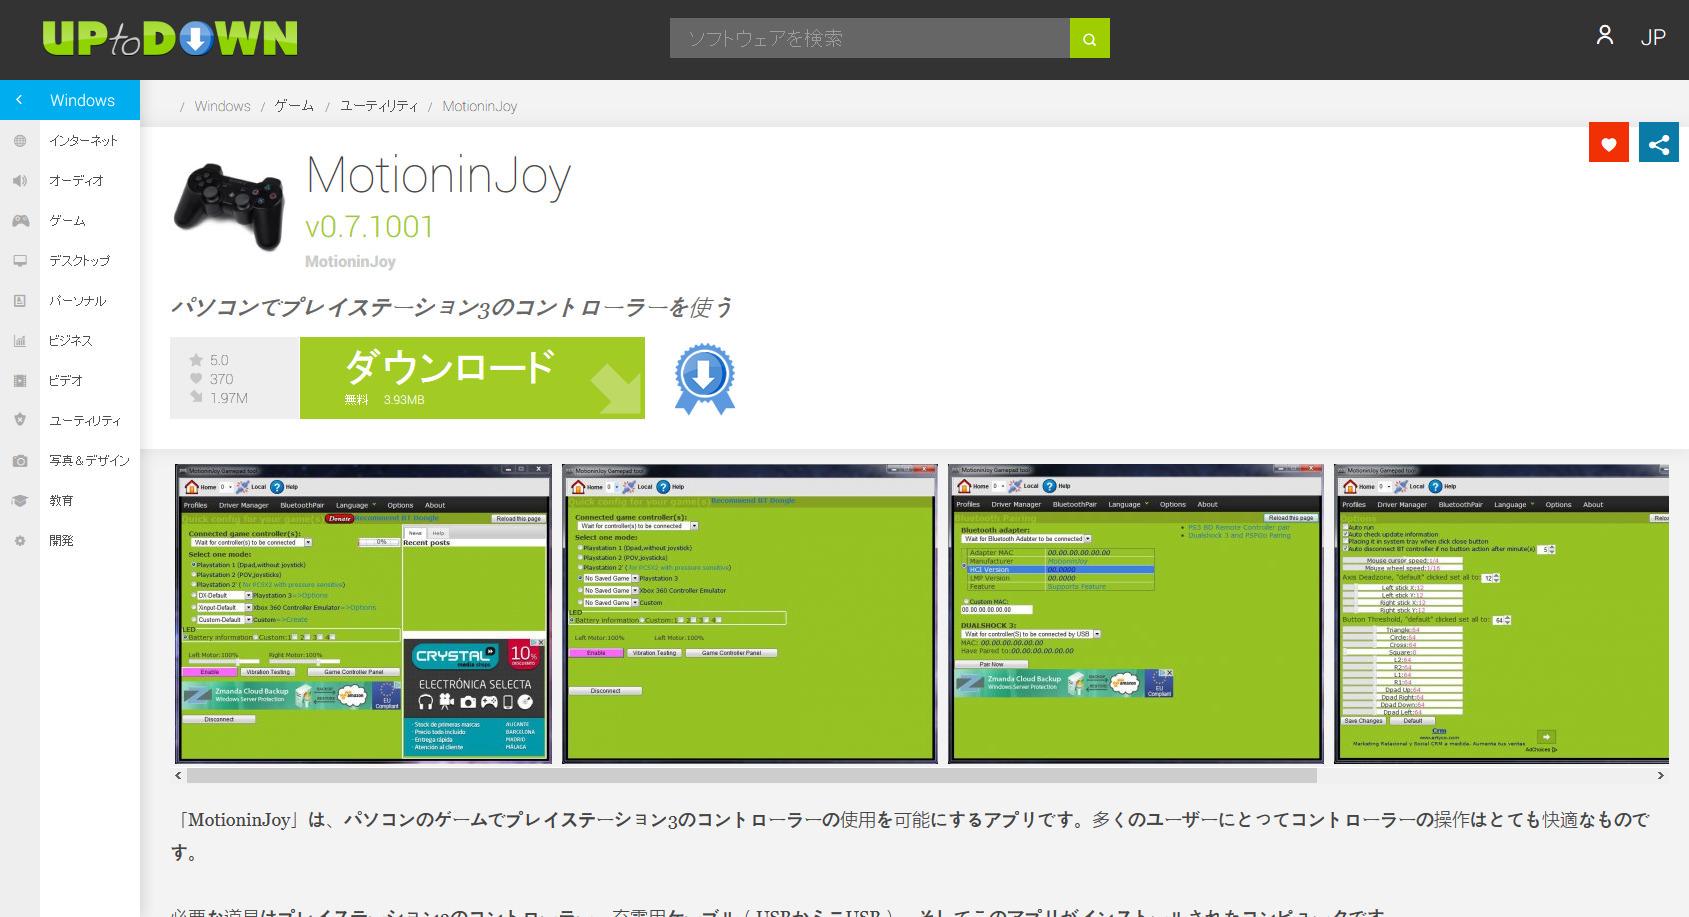 MotioninJoyのホームページのスクリーンショットです。